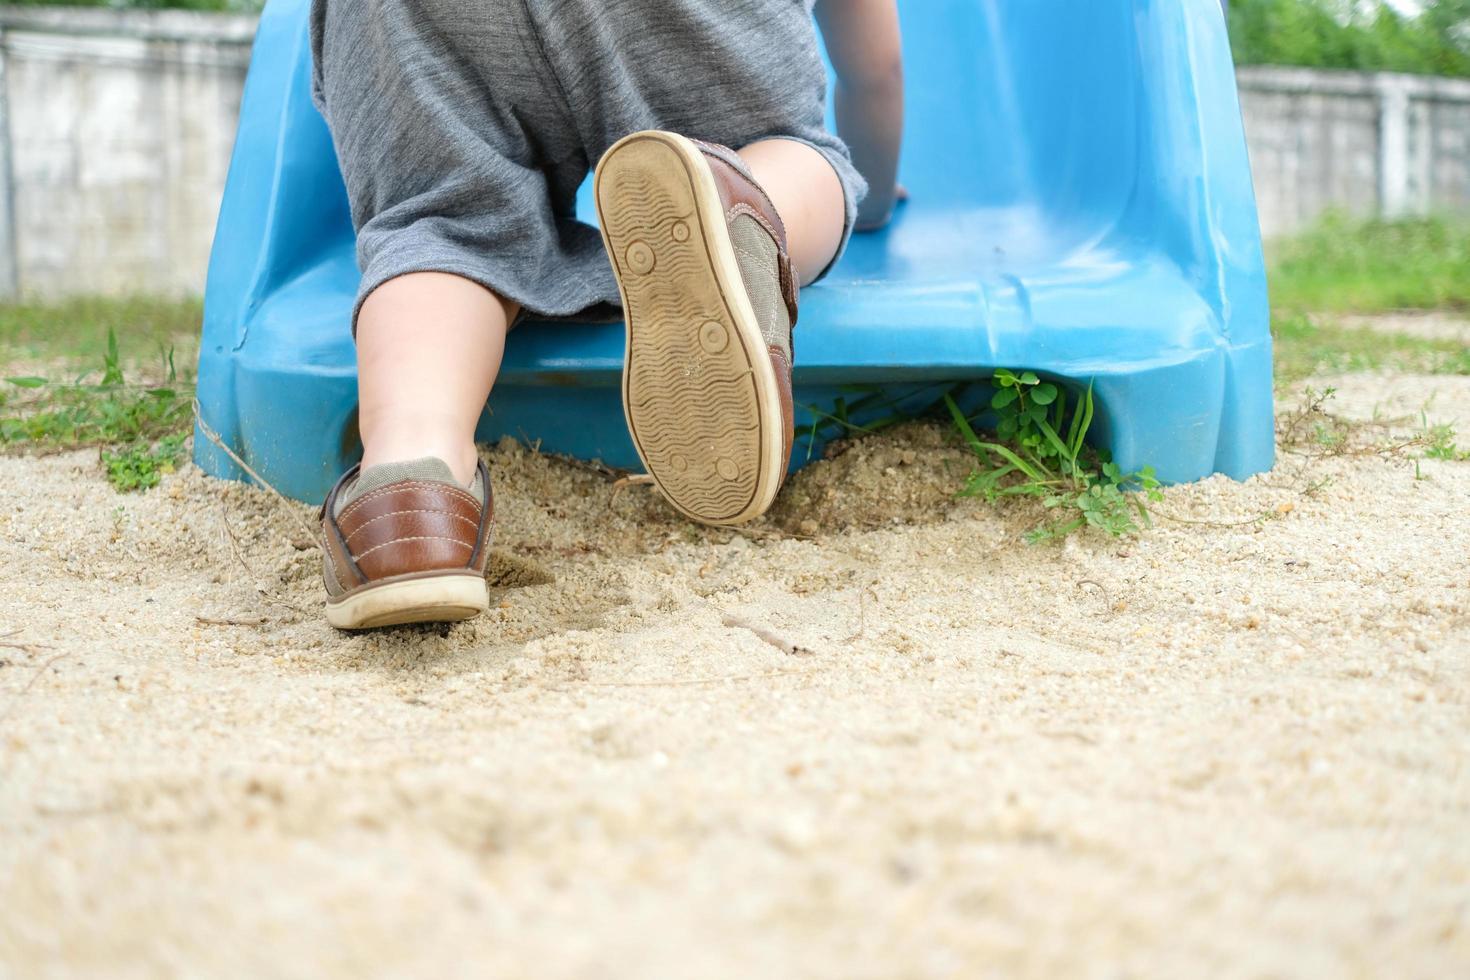 ragazzino arrampicata su scivolo parco giochi foto